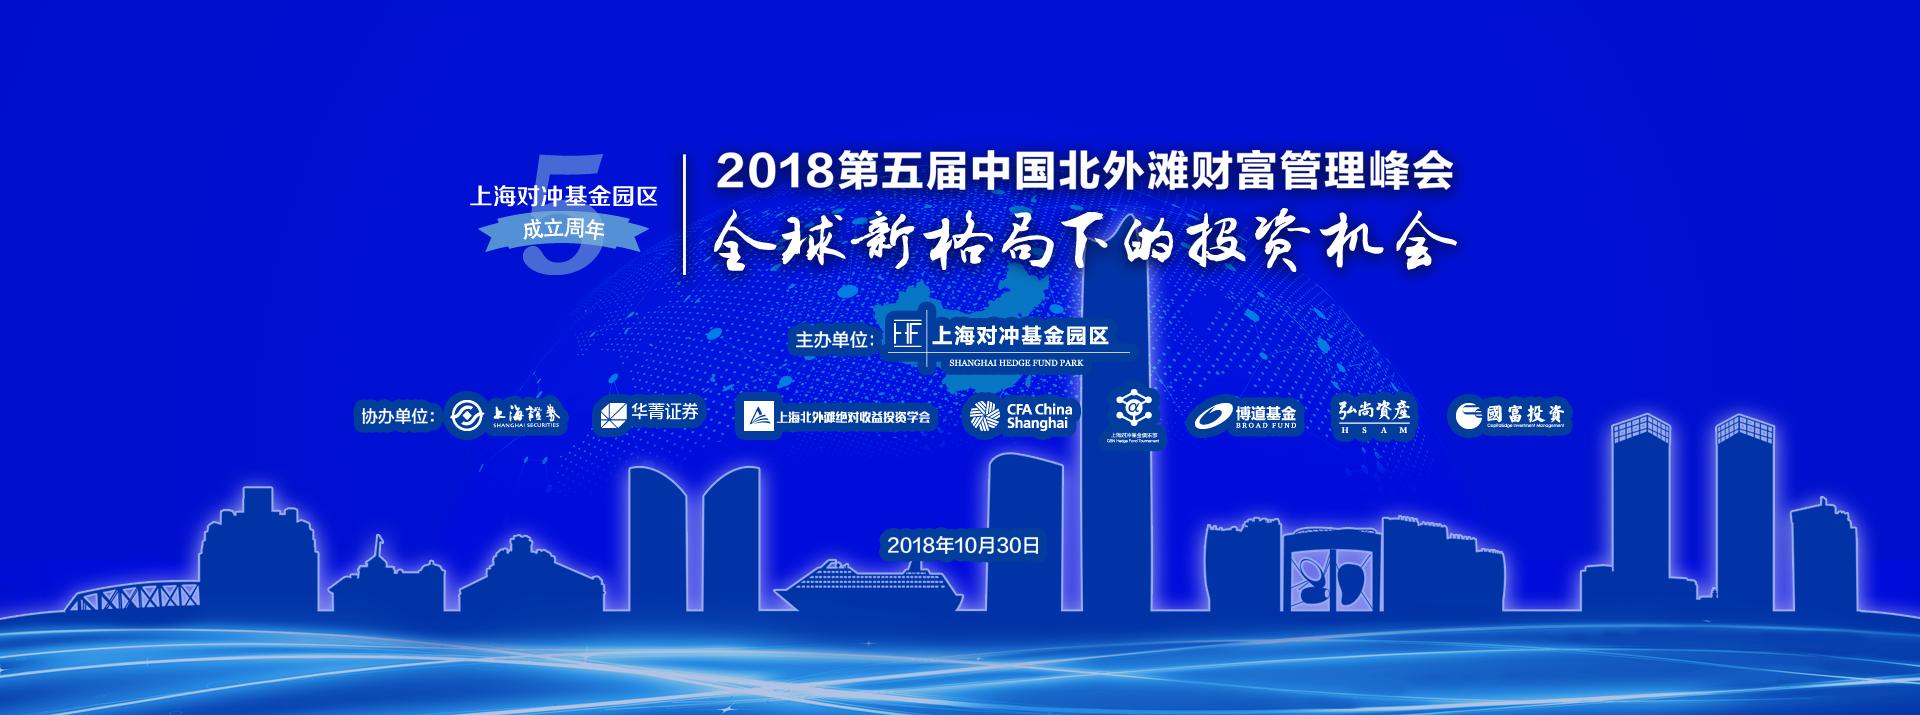 2018第五届中国北外滩财富管理峰会-点掌传媒投资者教育基地